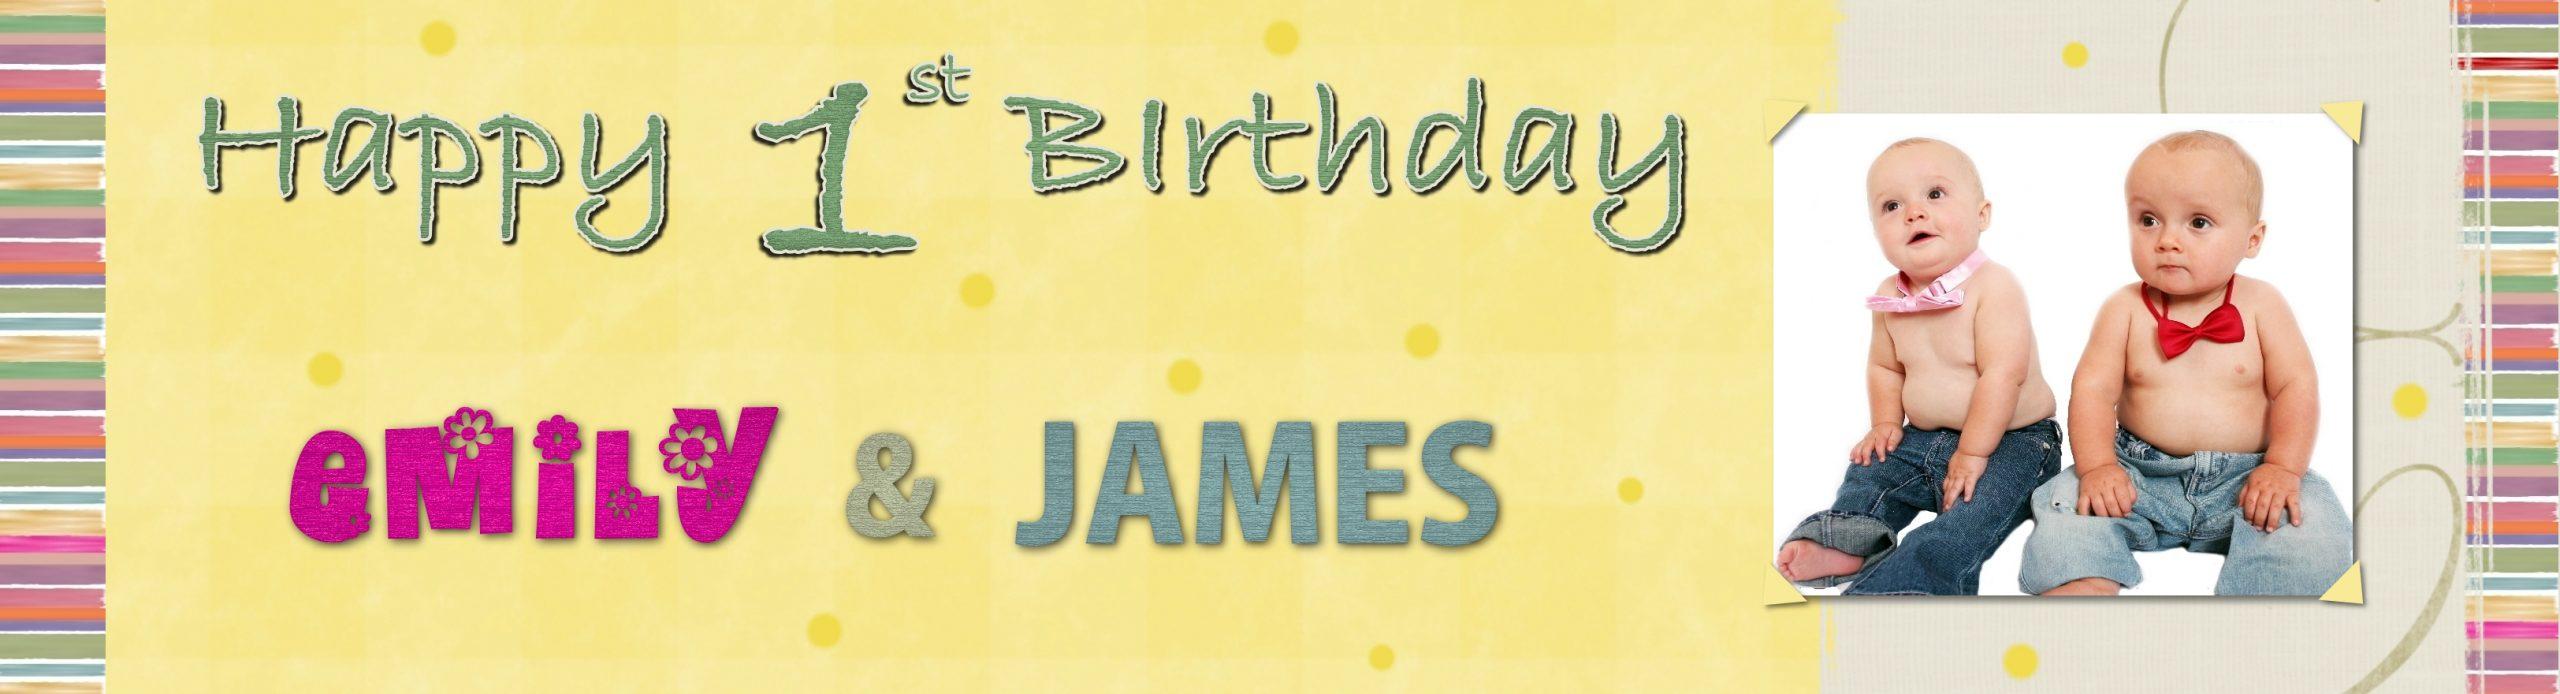 1st birthday banner